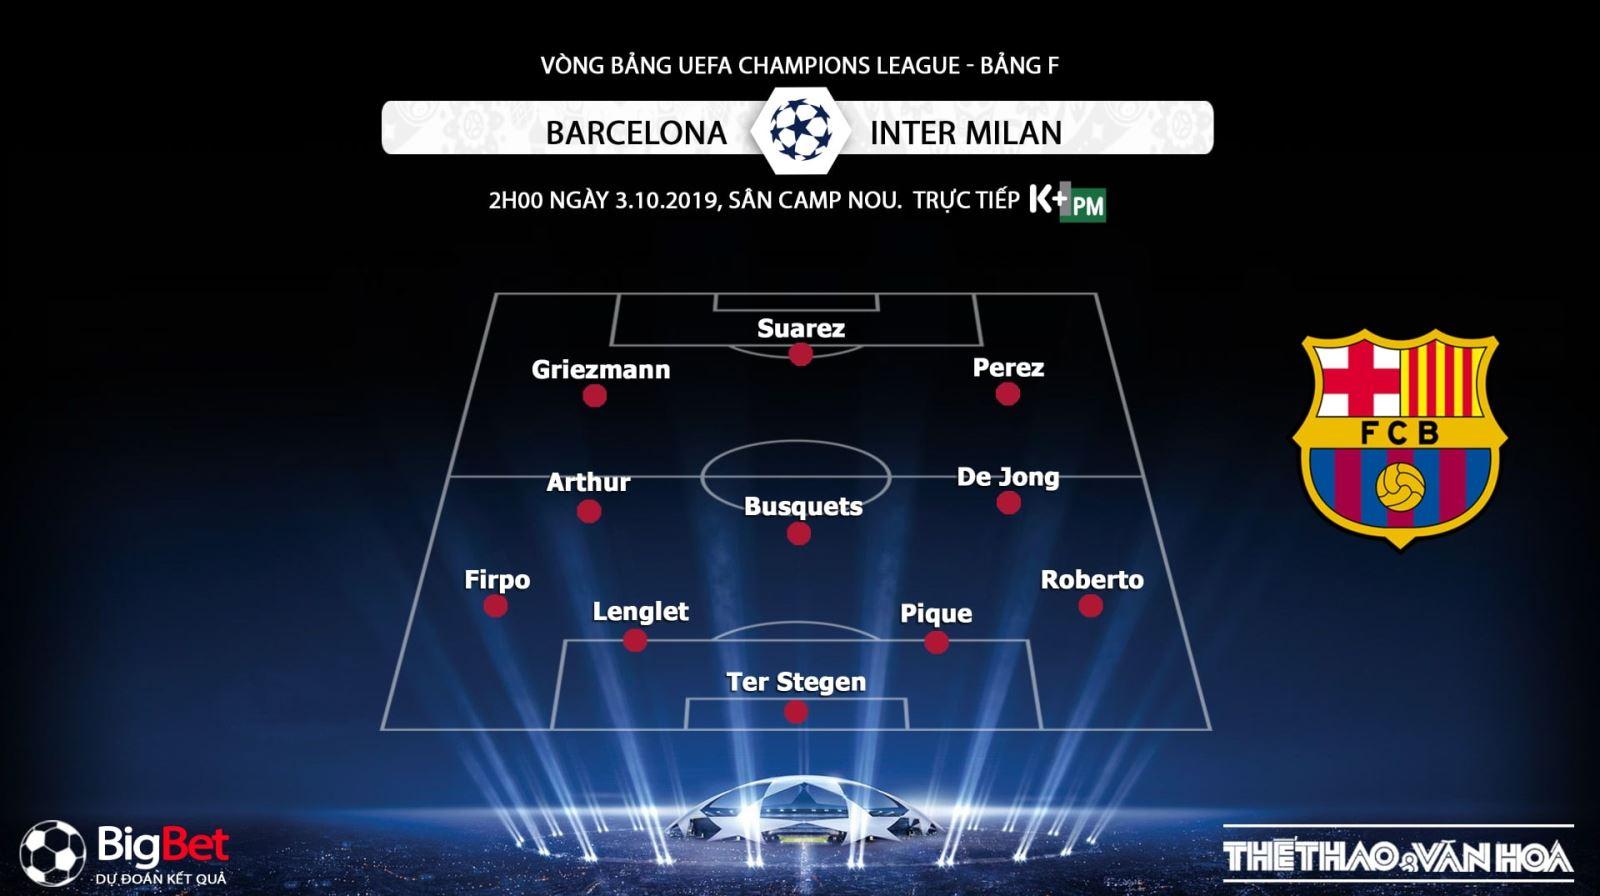 Barcelona vs Inter Milan, Kèo bóng đá, Trực tiếp bóng đá, Trực tiếp C1, K+, K+PM, lịch thi đấu bóng đá hôm nay, truc tiep bong da, Kèo Barca vs Inter, Trực tiếp K+PM